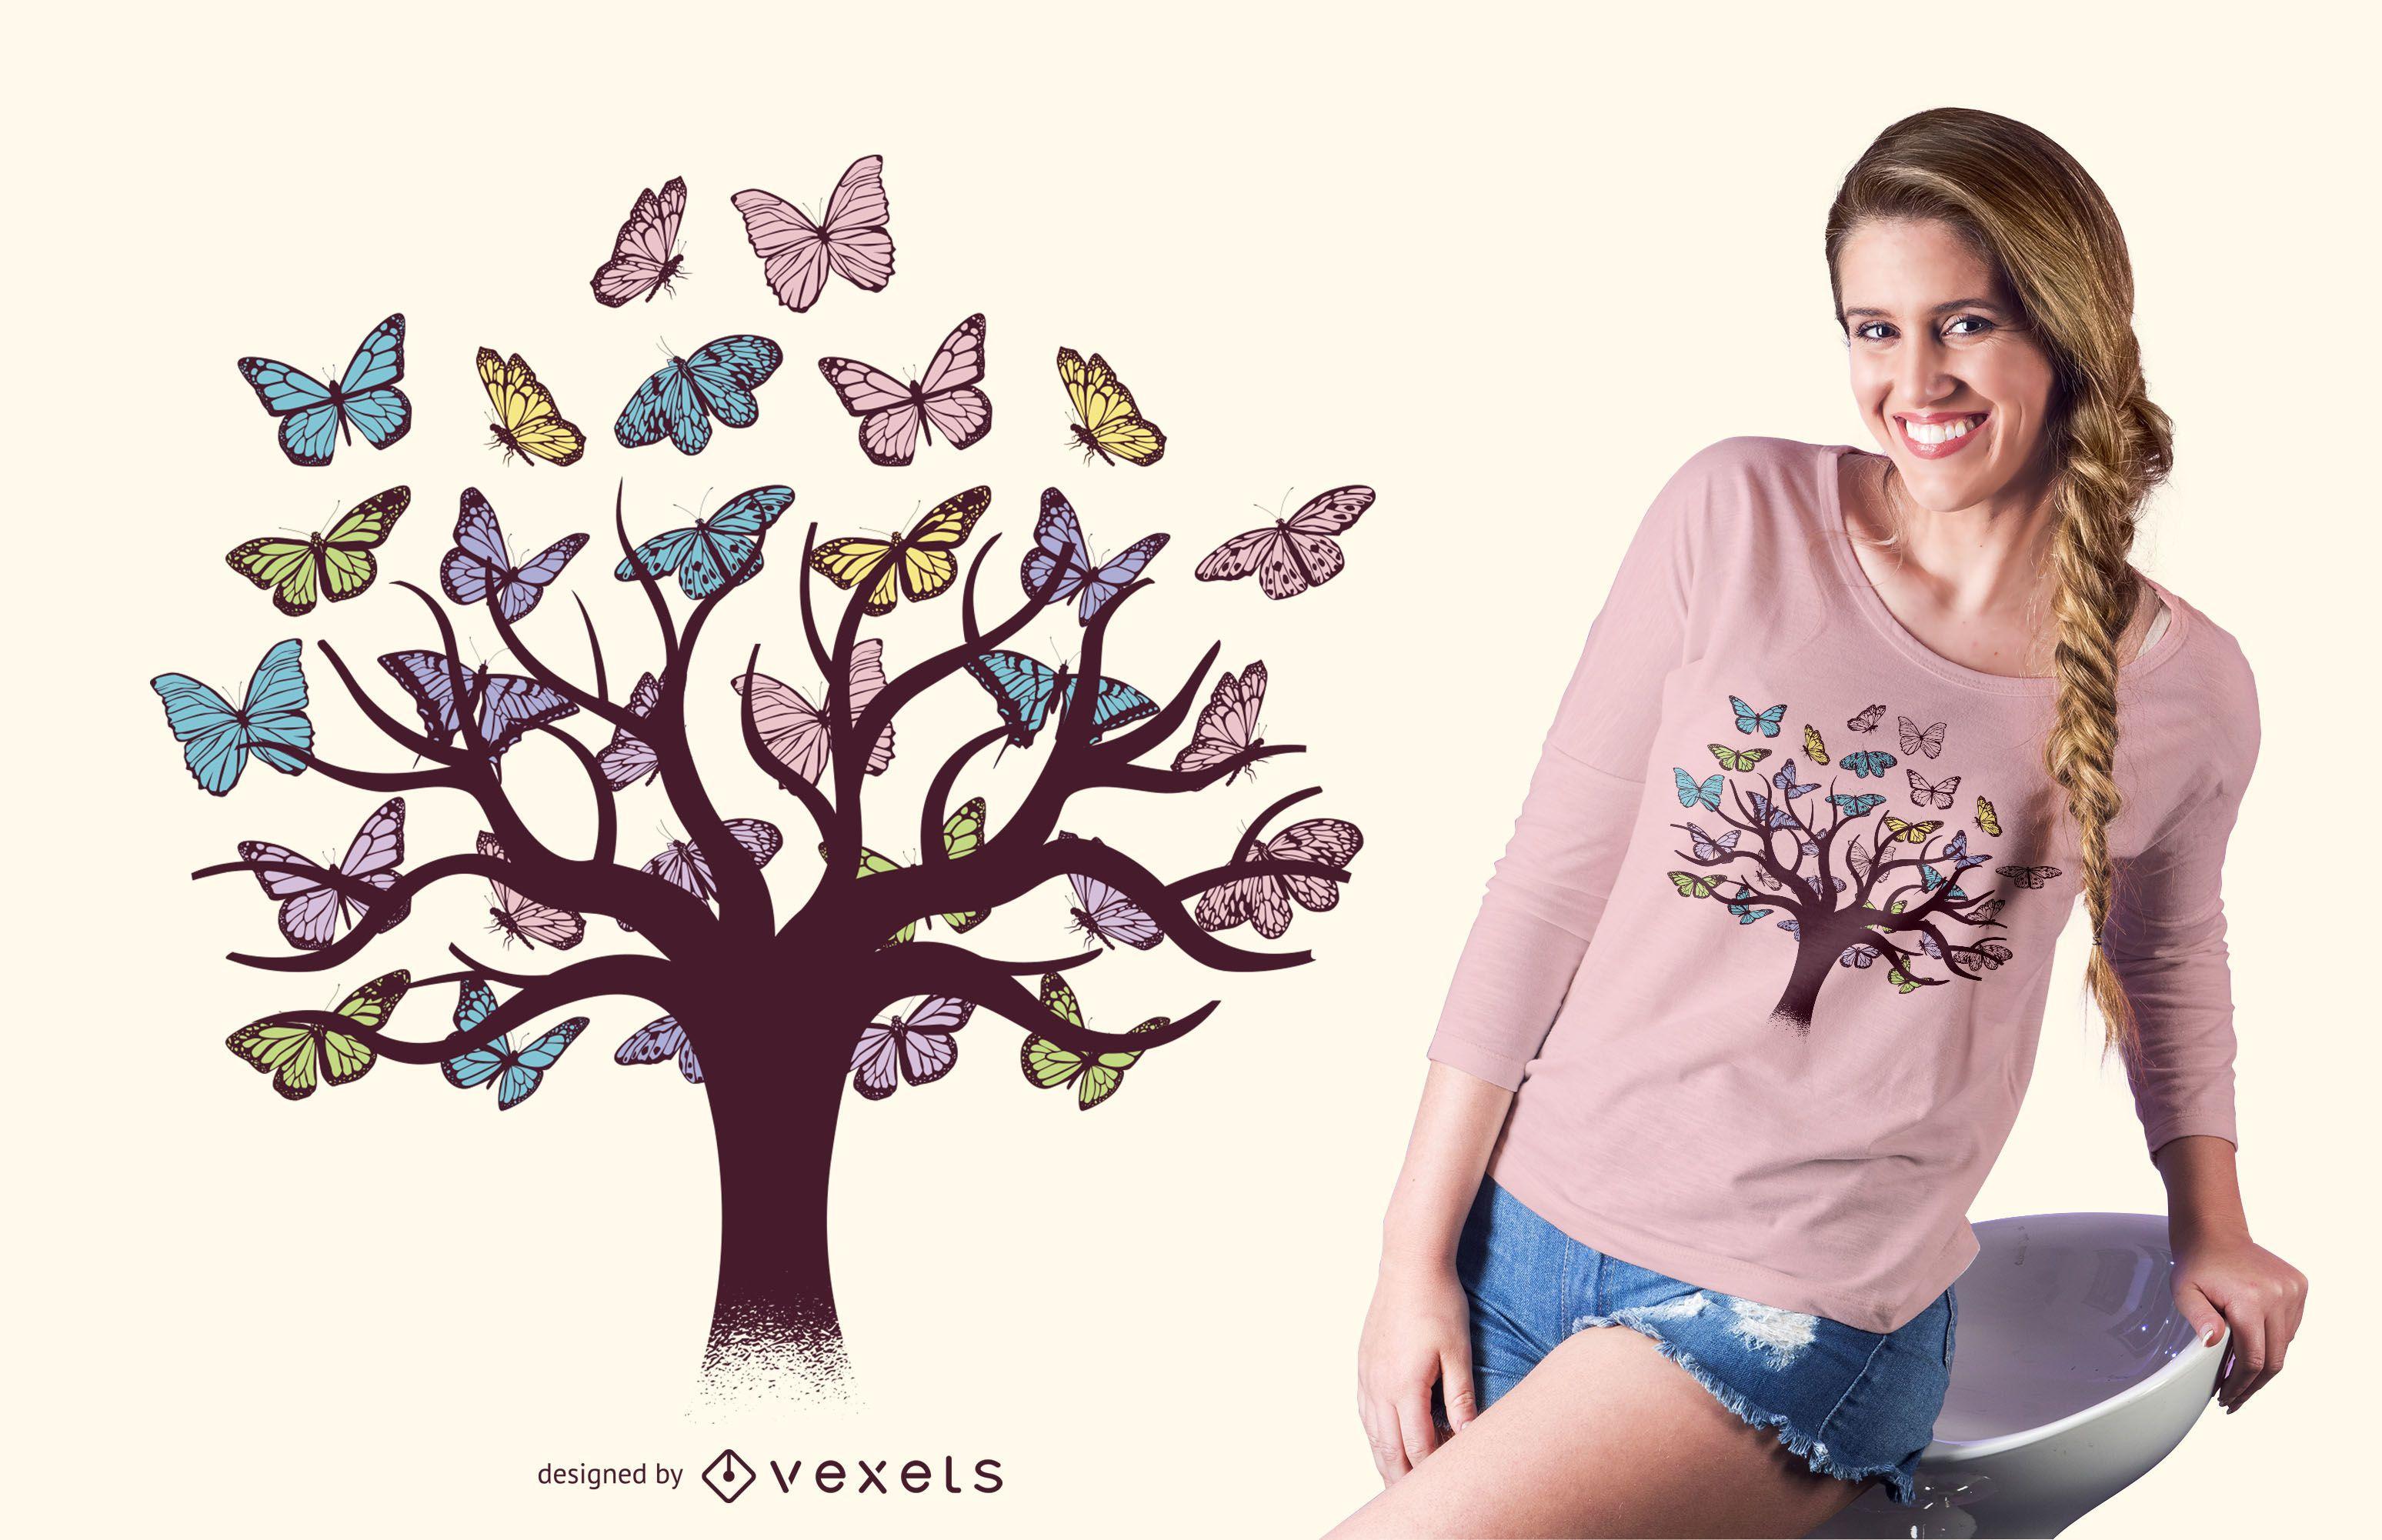 Dise?o de camiseta de ?rbol de mariposas